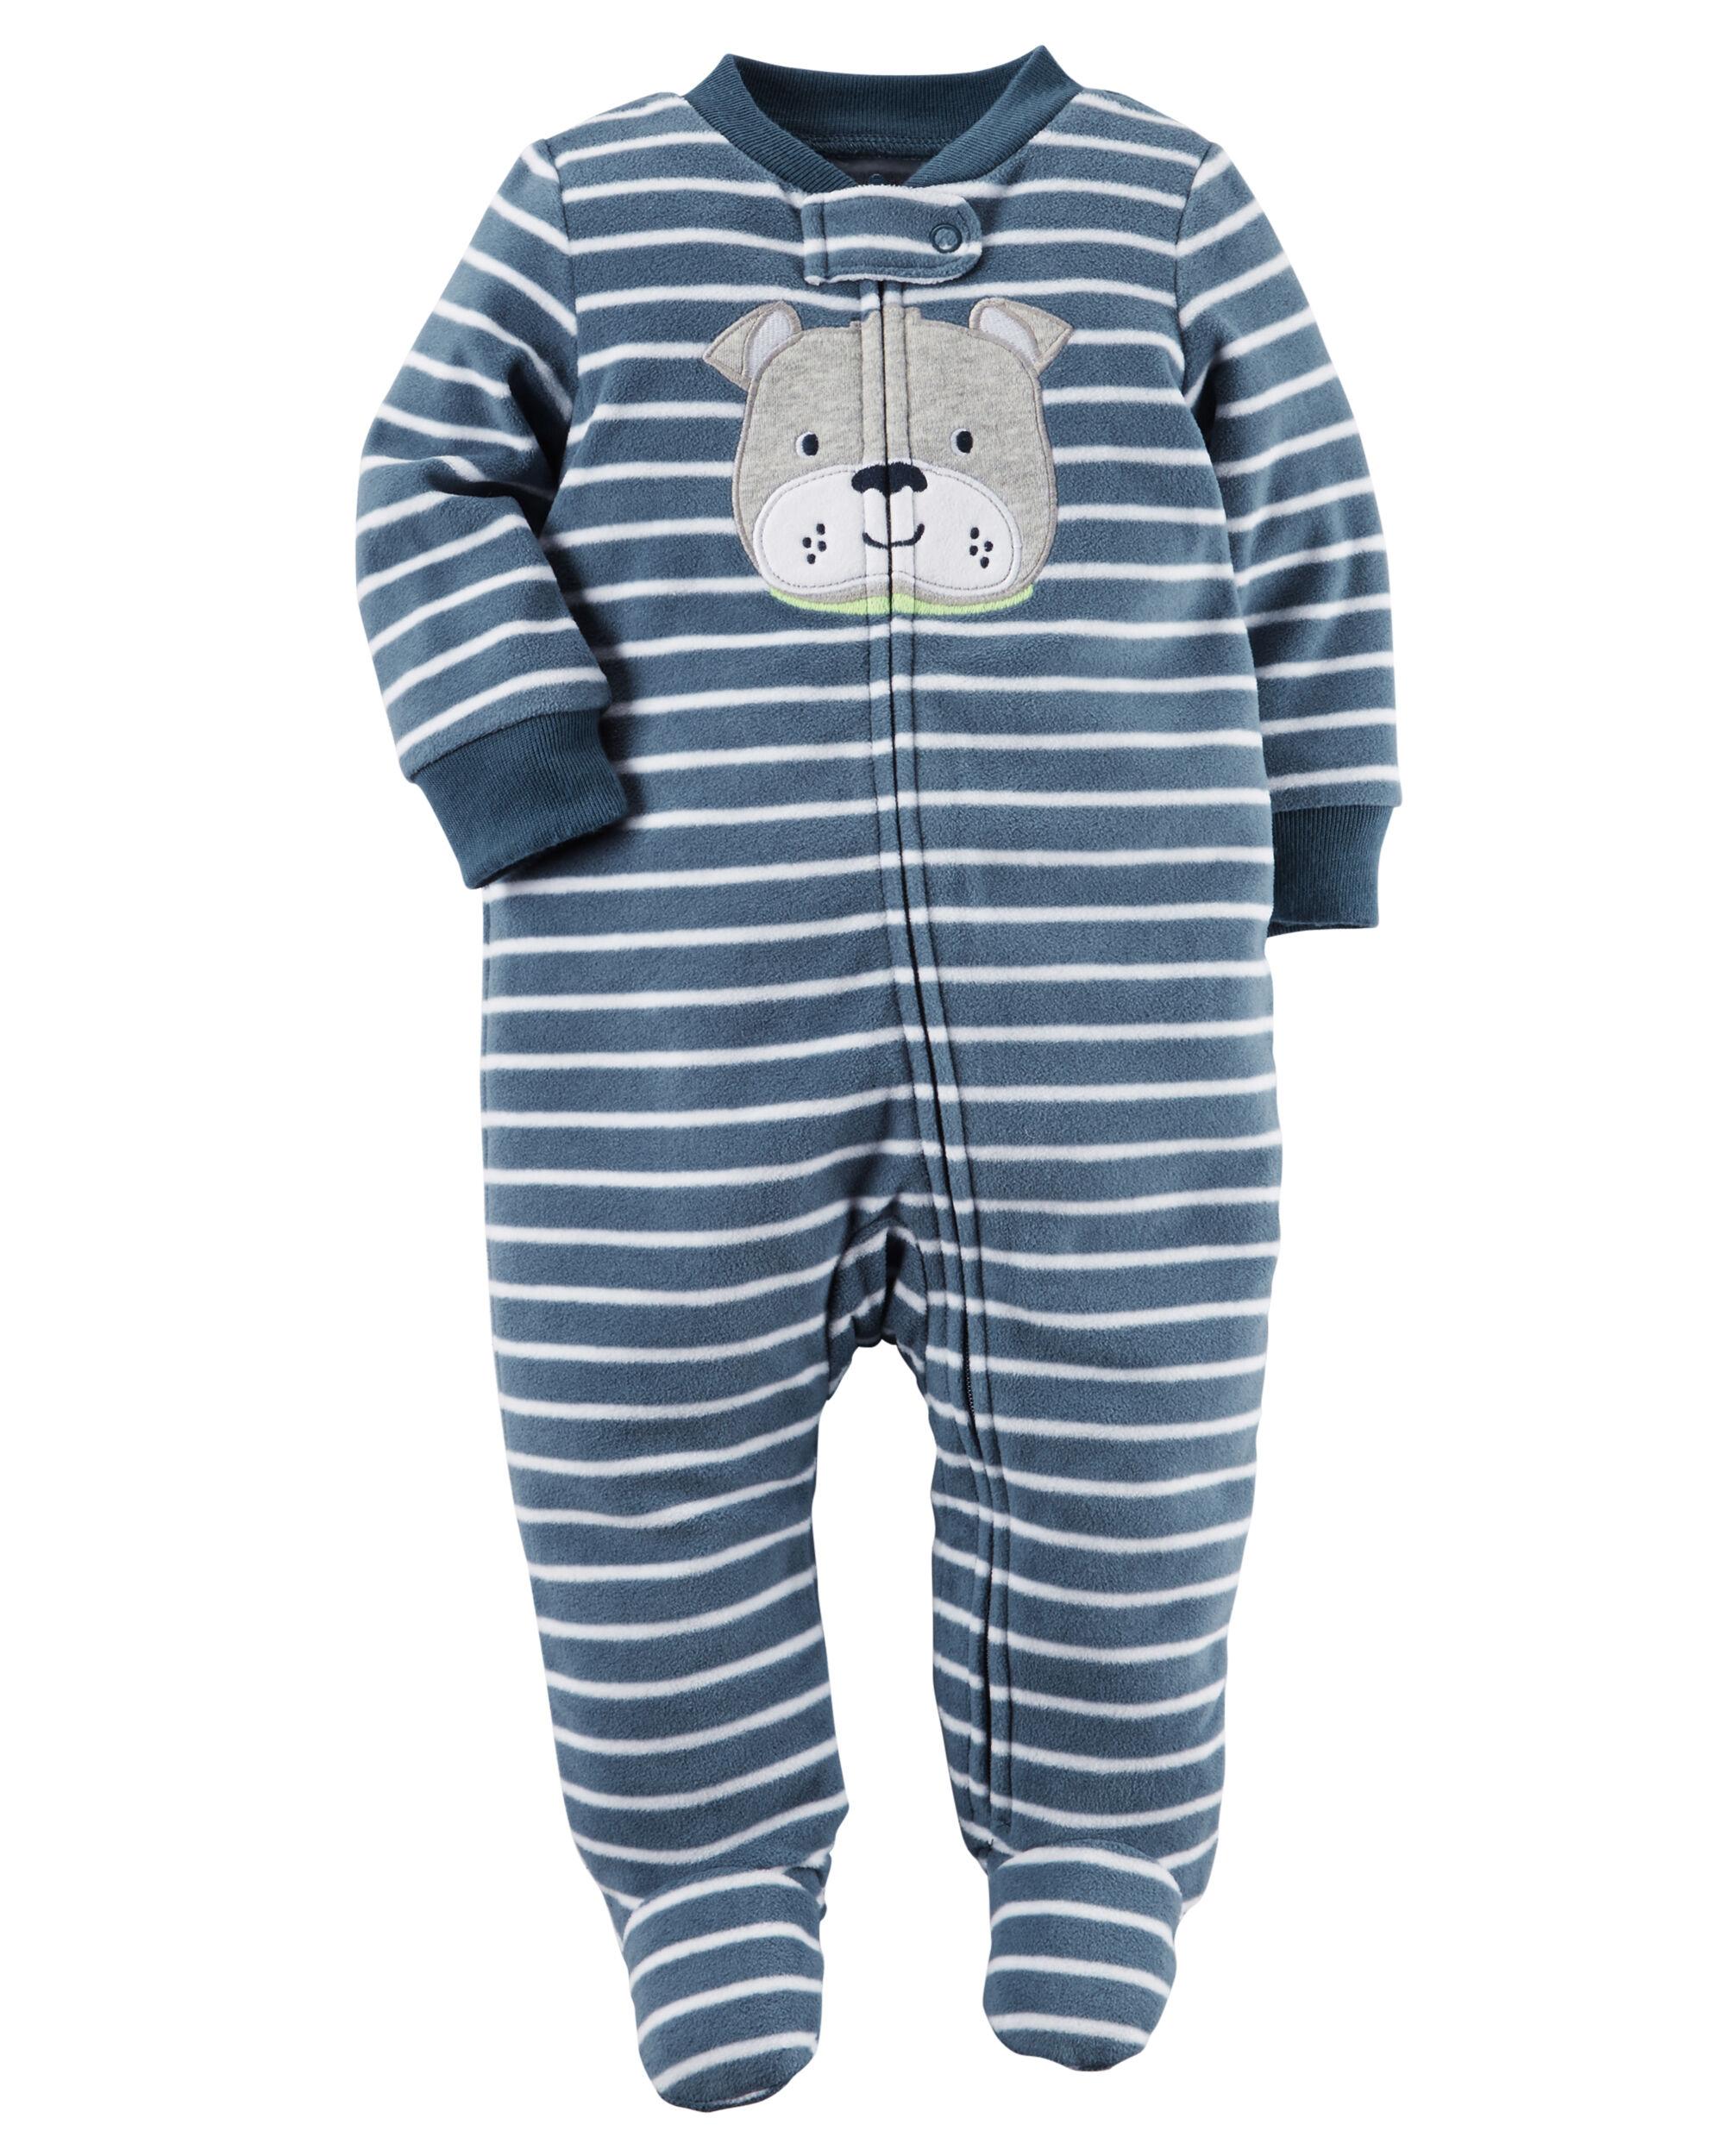 Fleece Zip Up Sleep & Play